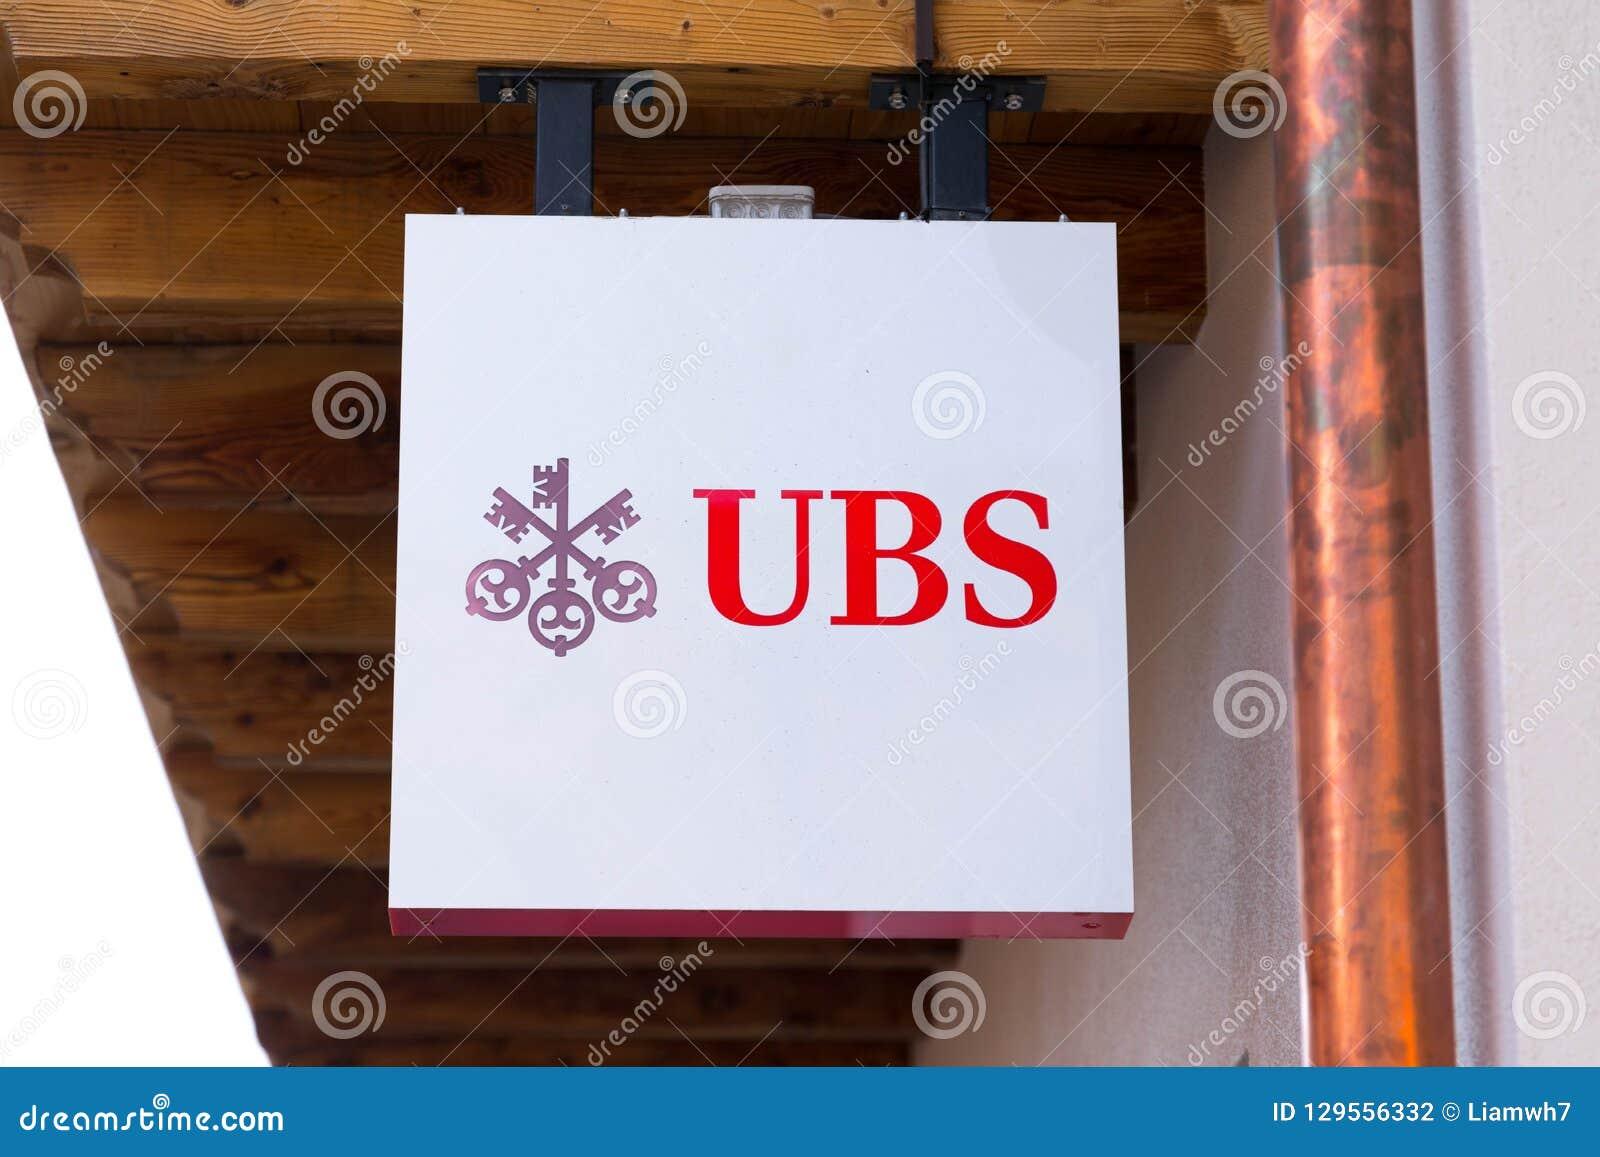 Verbier/Switzerland-10 10 29 : UBS Swiss Money Bank Logo